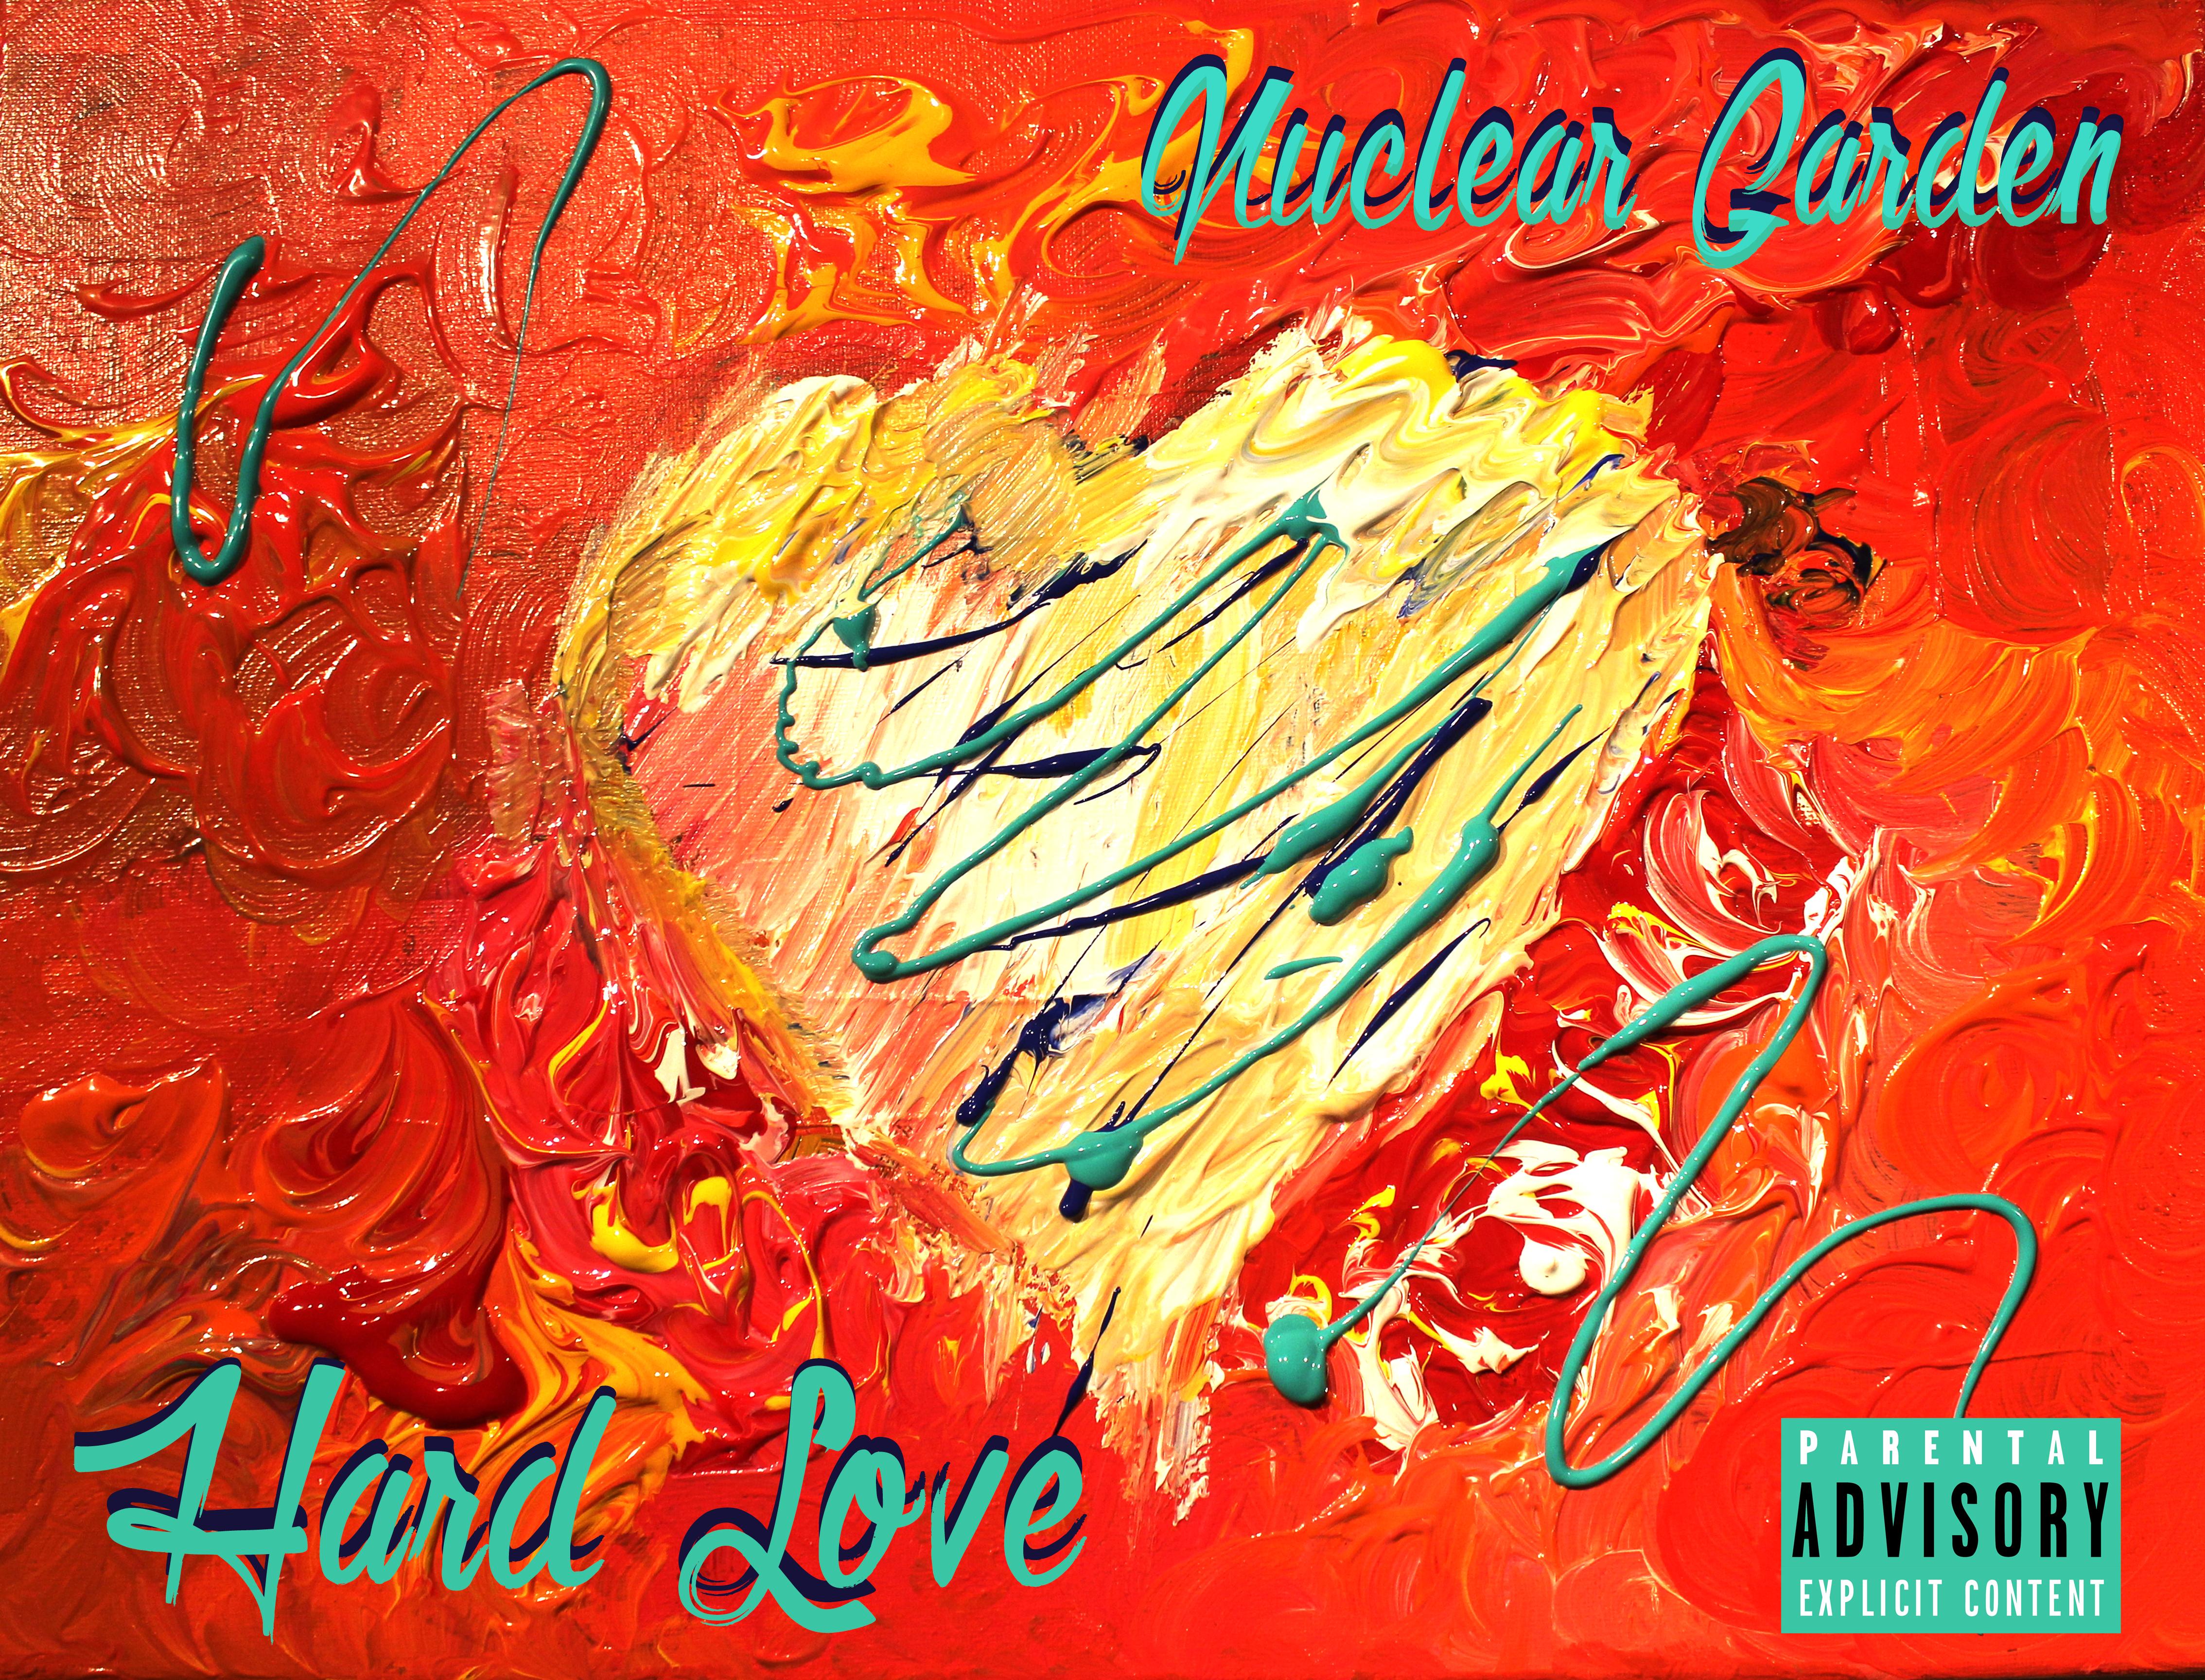 HARD LOVE (N'DIA N D) 1 NUCLEAR GARDEN COVER PA